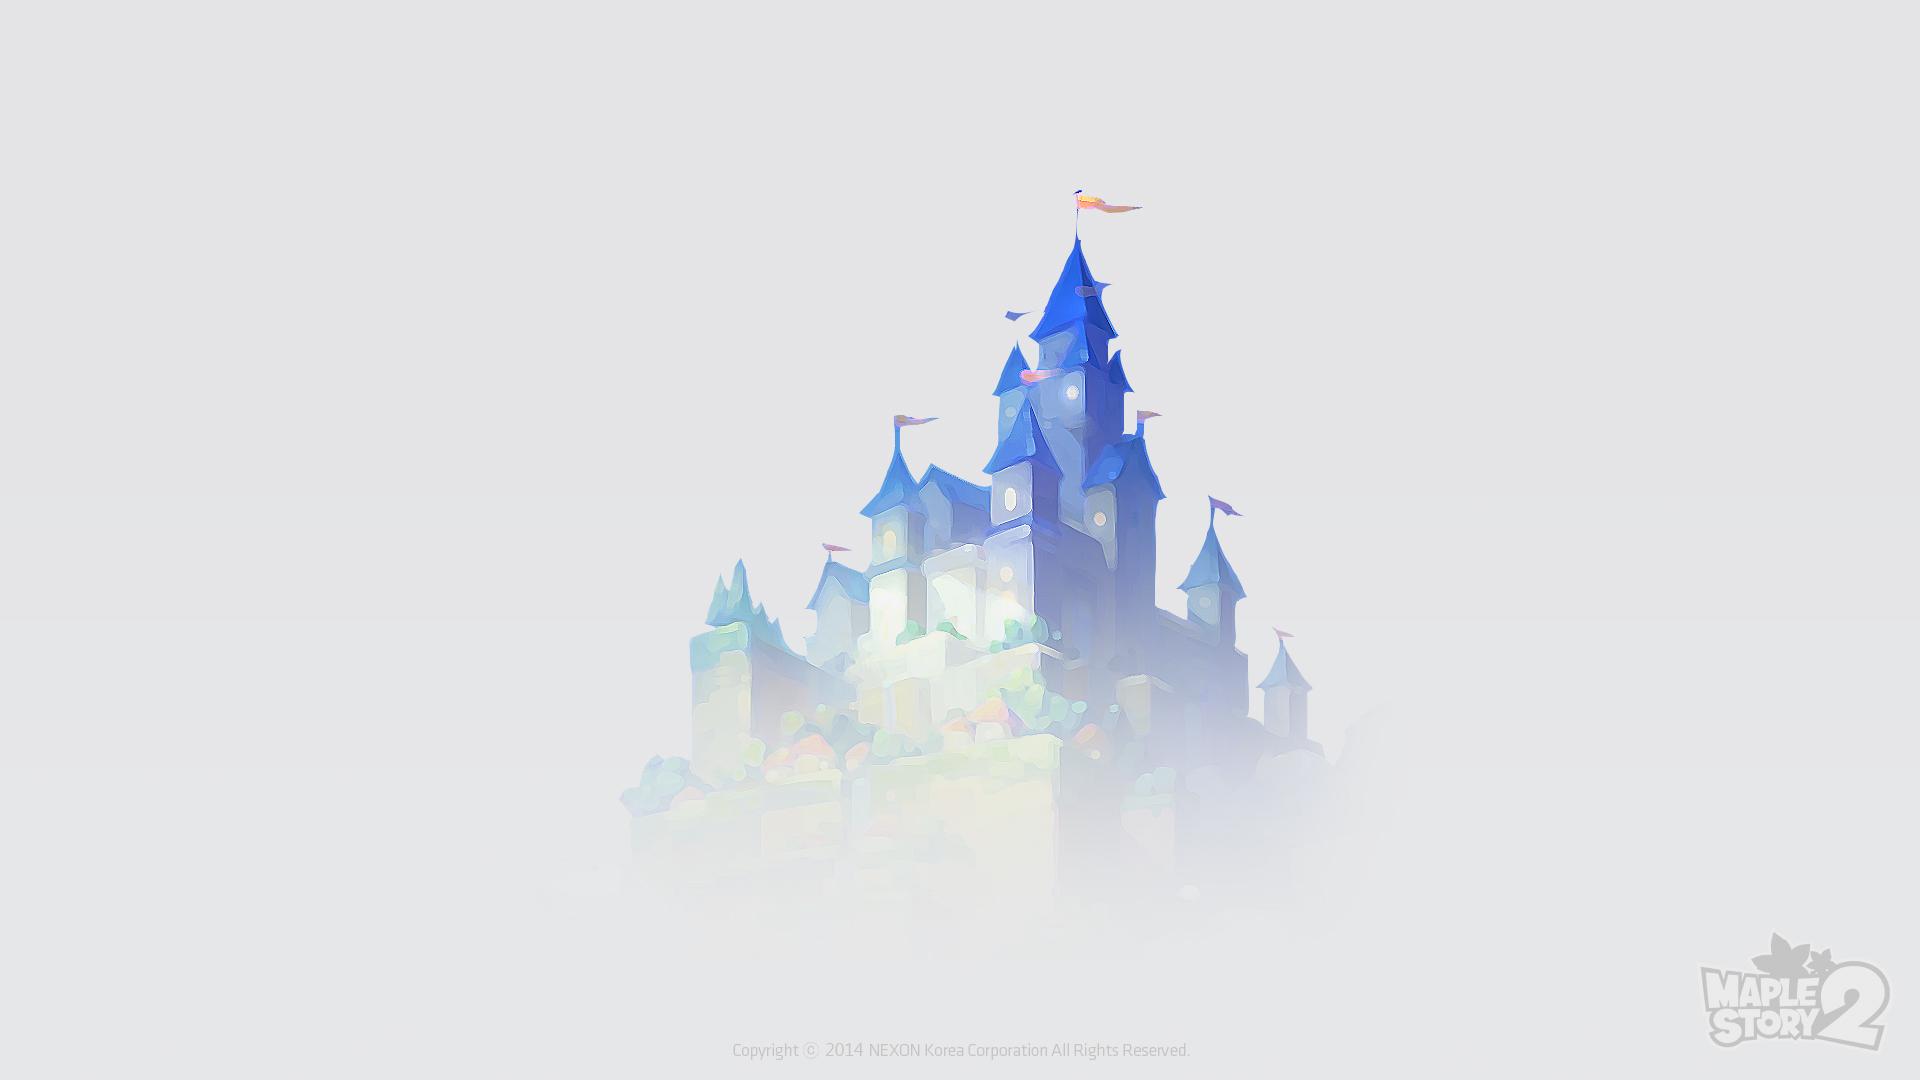 冒险岛2精美高清桌面壁纸原画